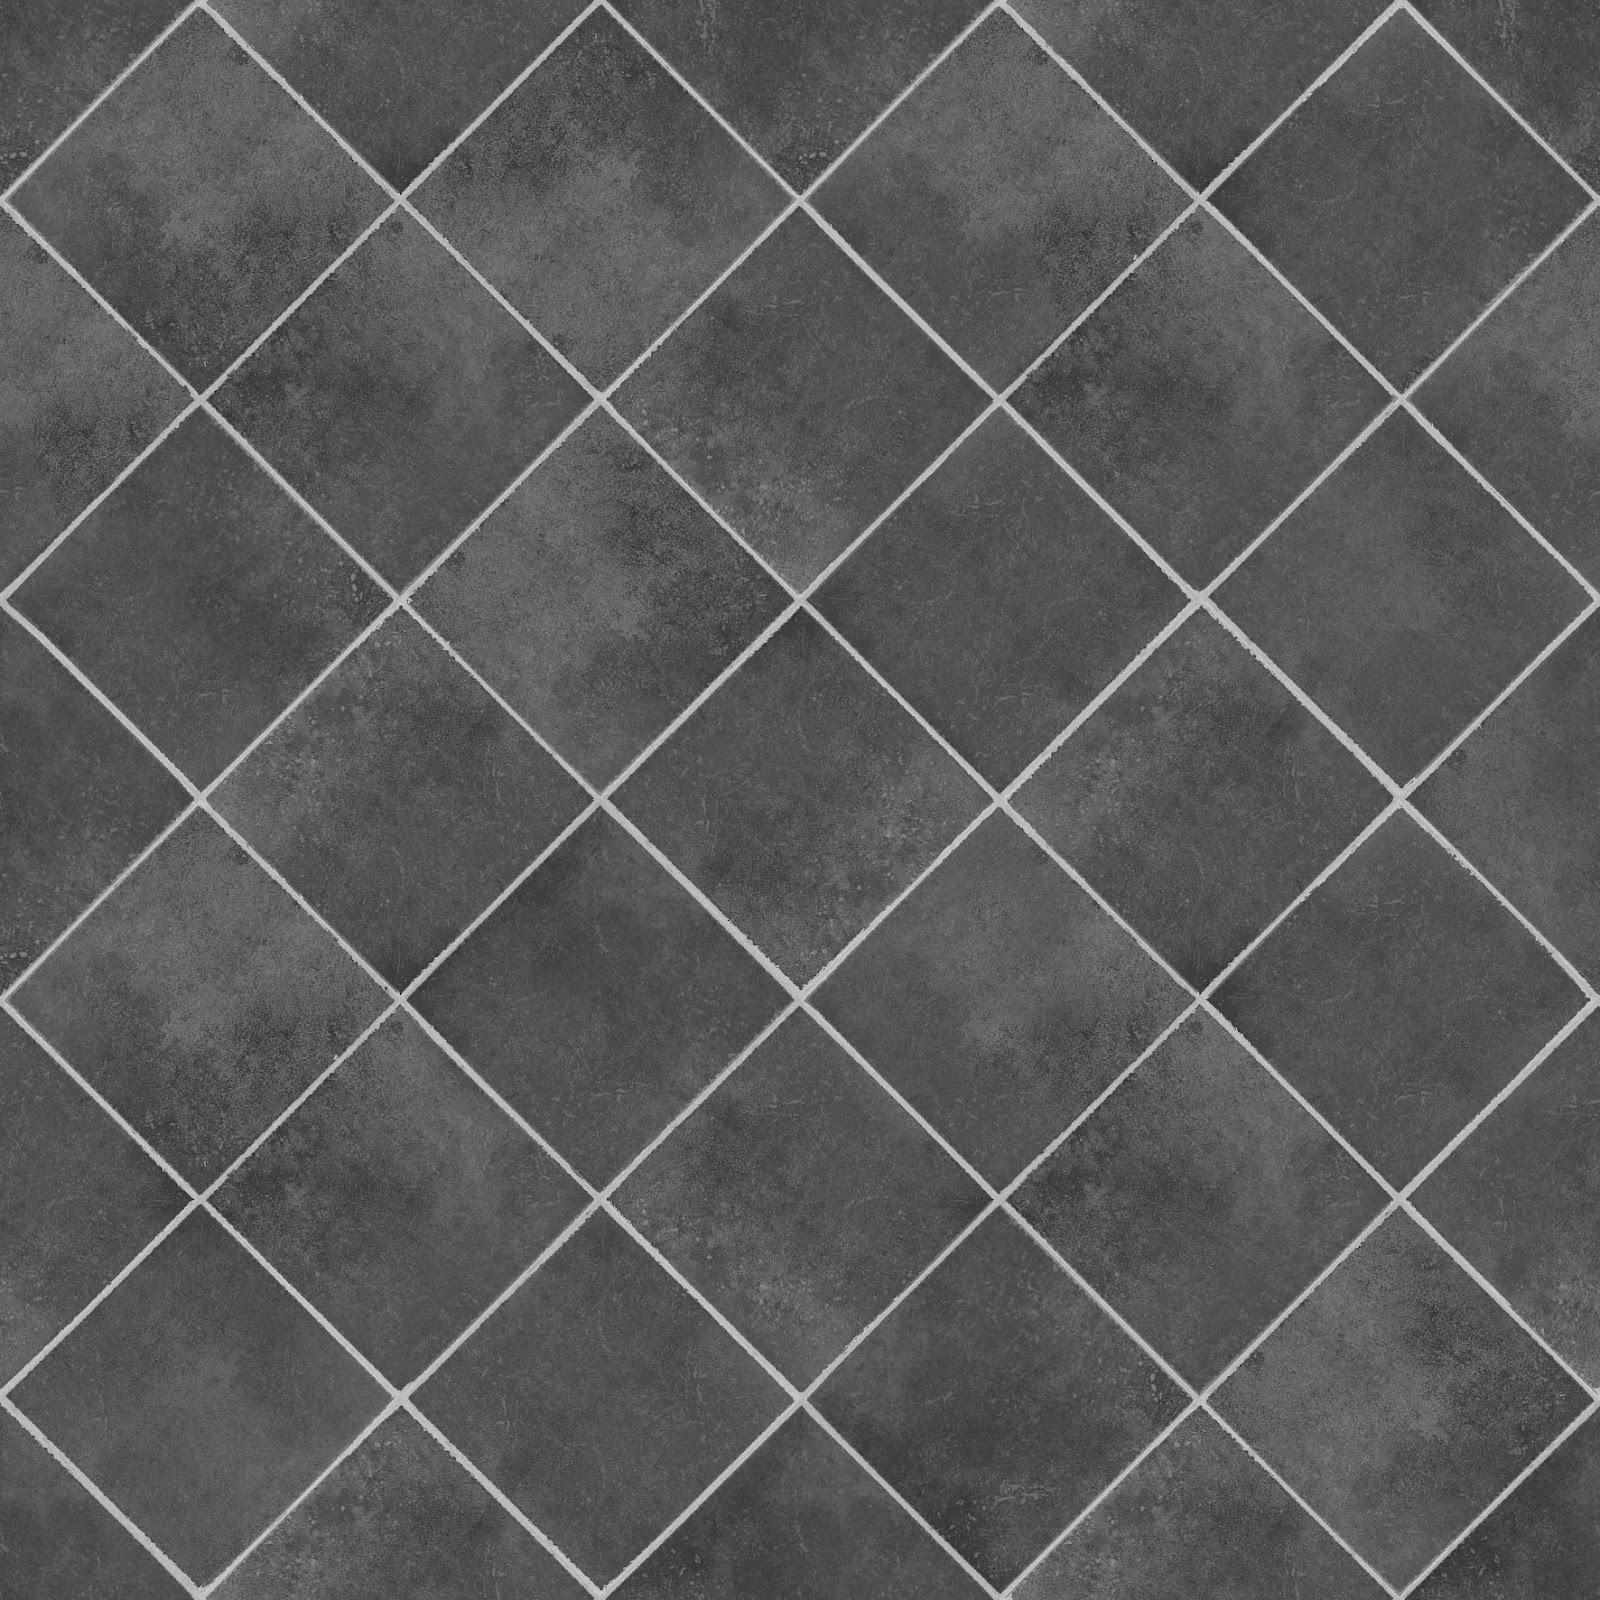 Modern Kitchen Floor Tiles Texture seamless kitchen flooring | ideasidea